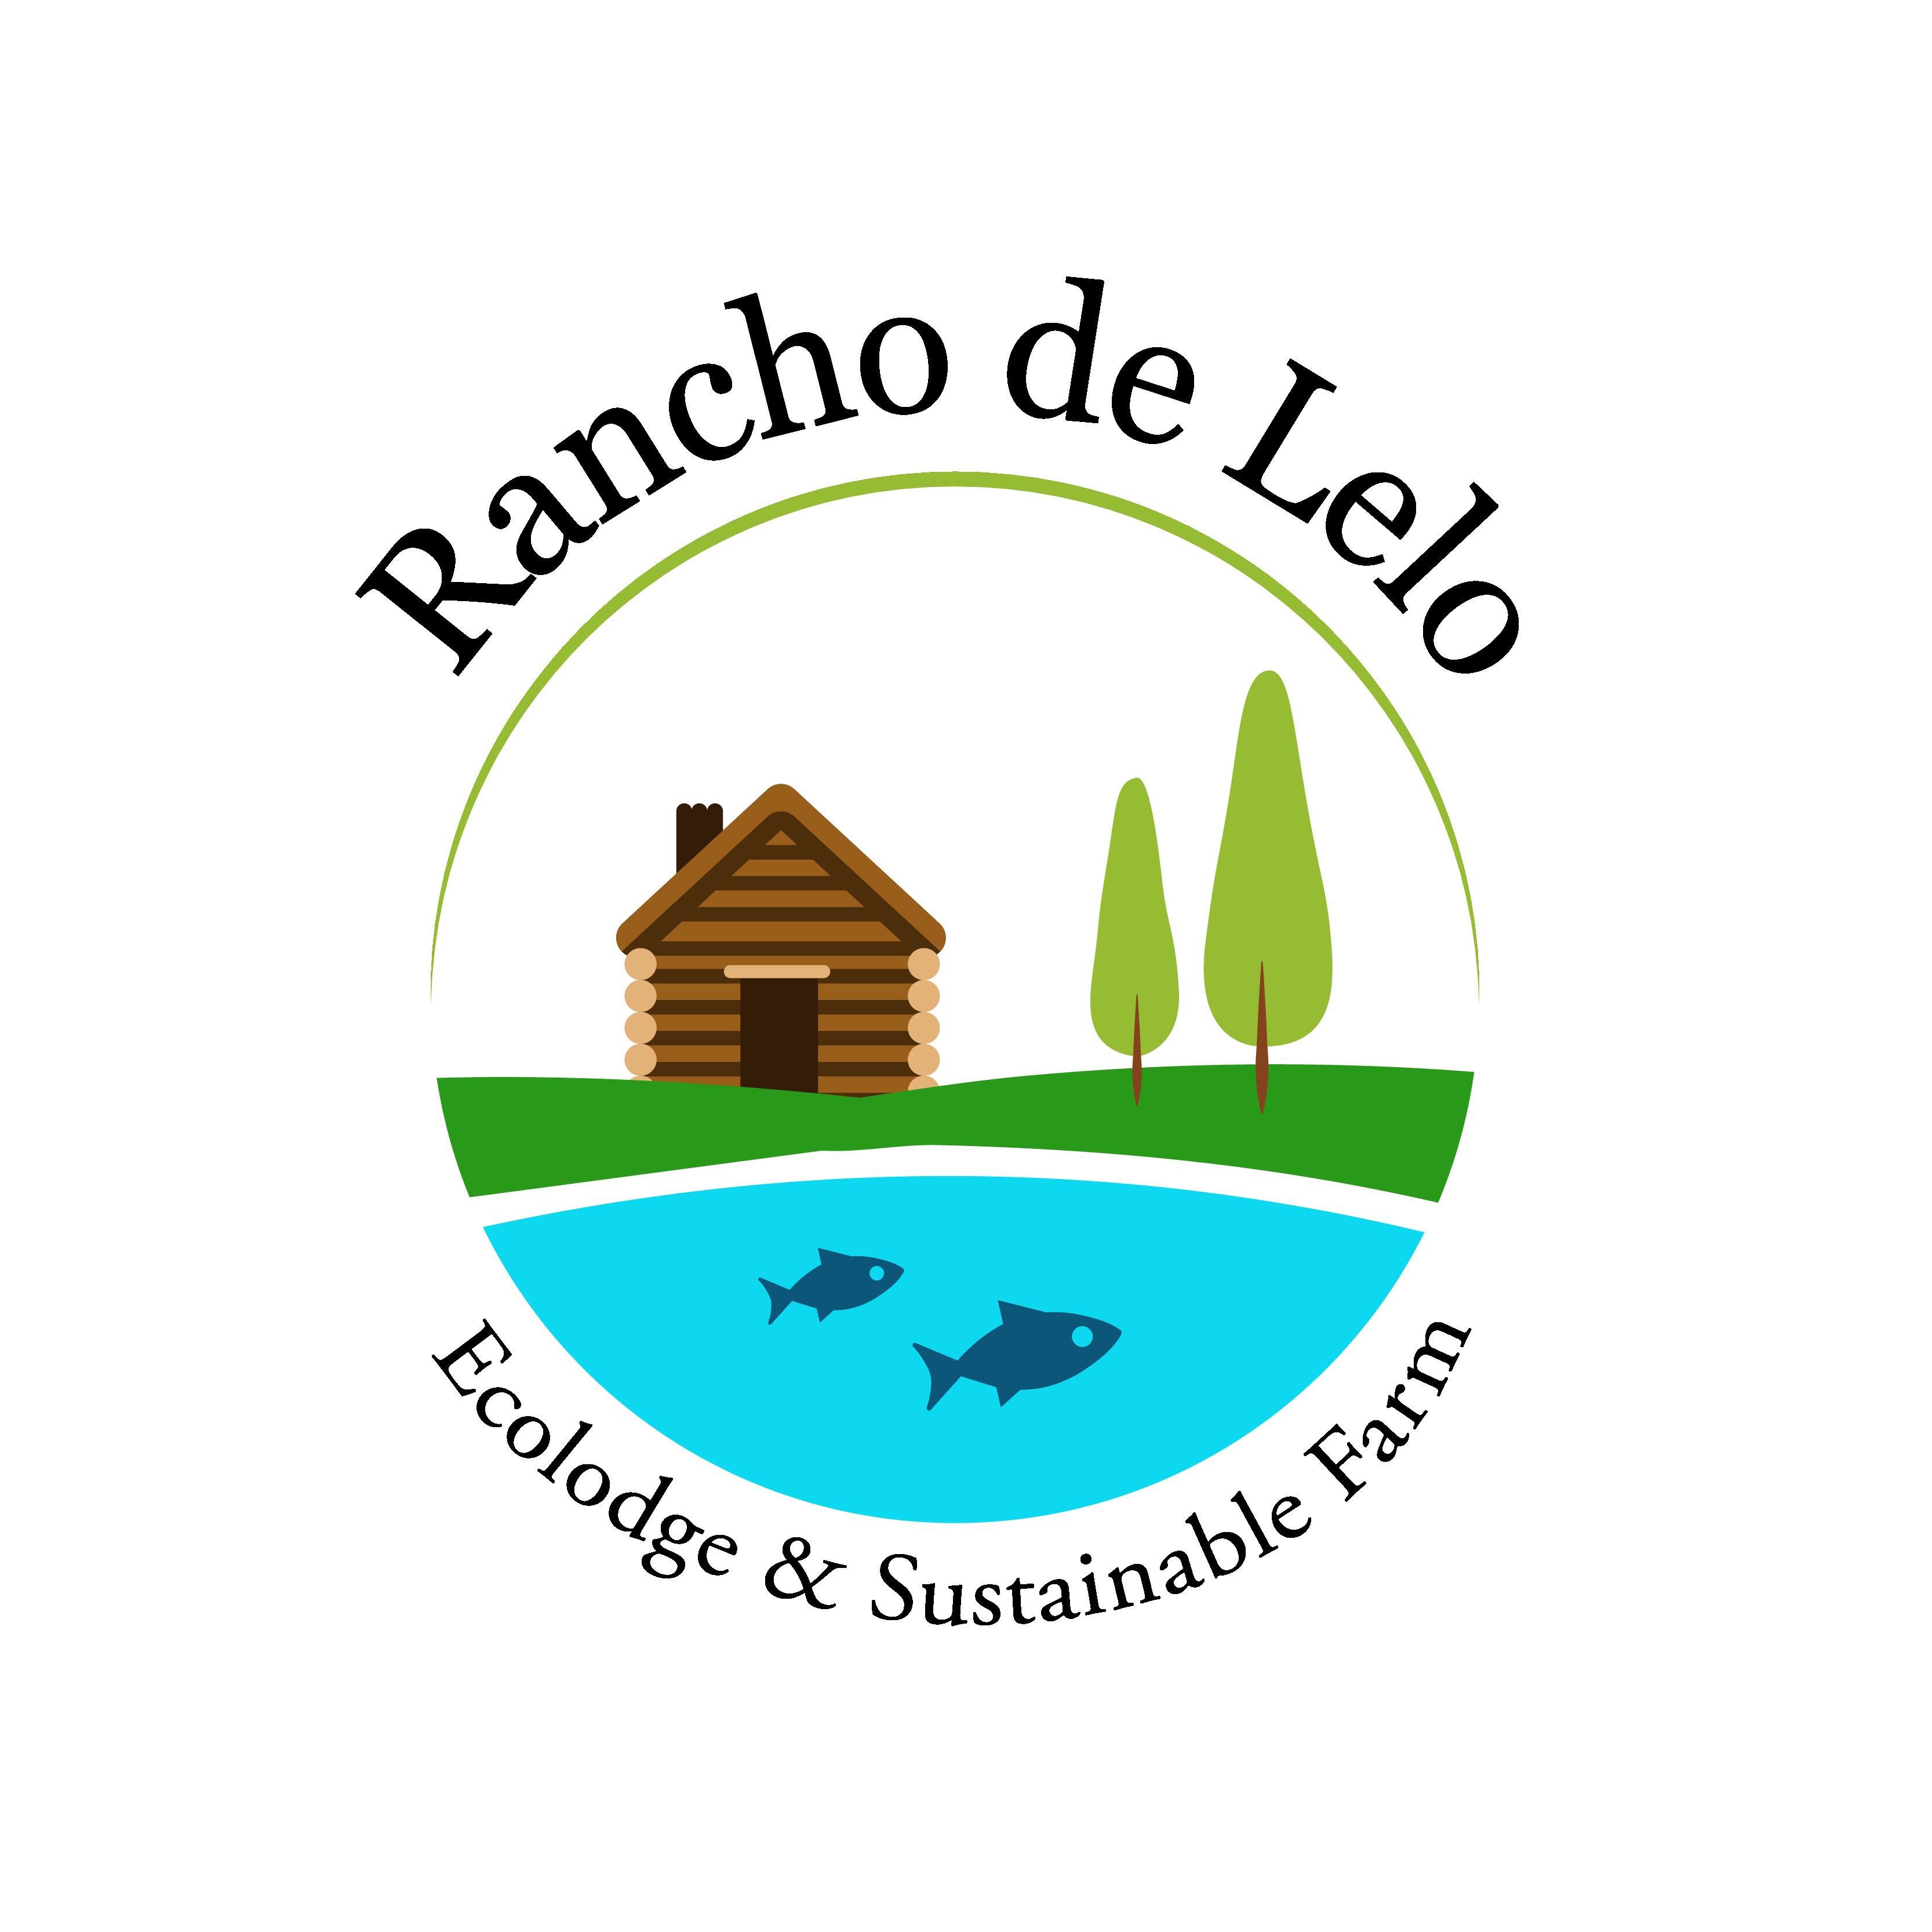 Farming clipart rancho. De lelo ecolodge sustainable